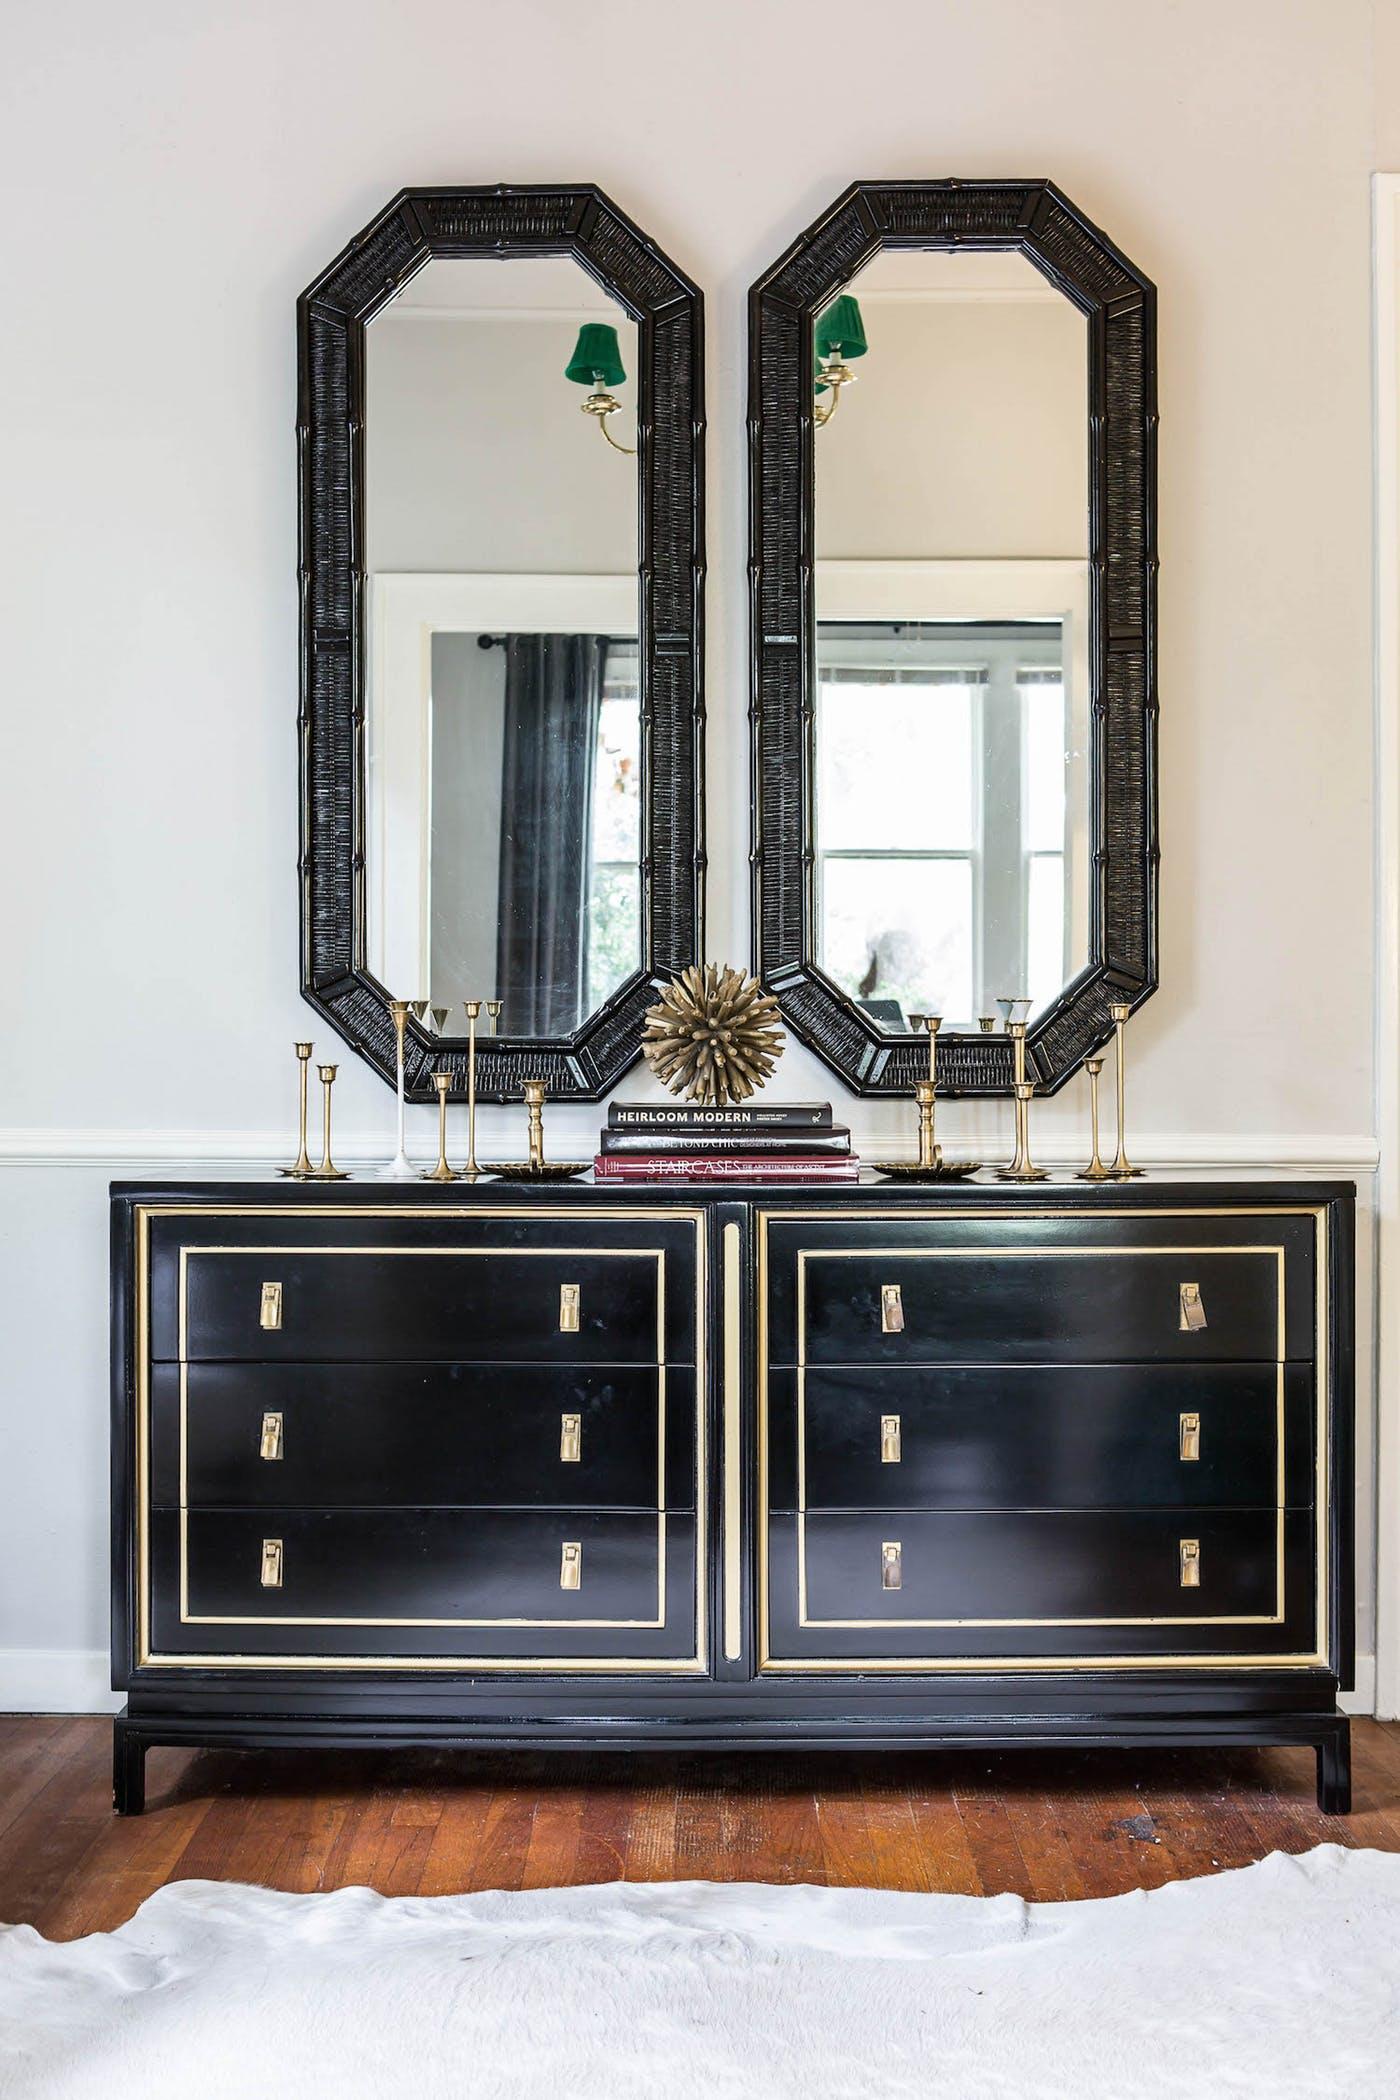 Maureen Stevens Designs - glamorous black sideboards top interior designers Top Interior Designers: Maureen Stevens Design maureen